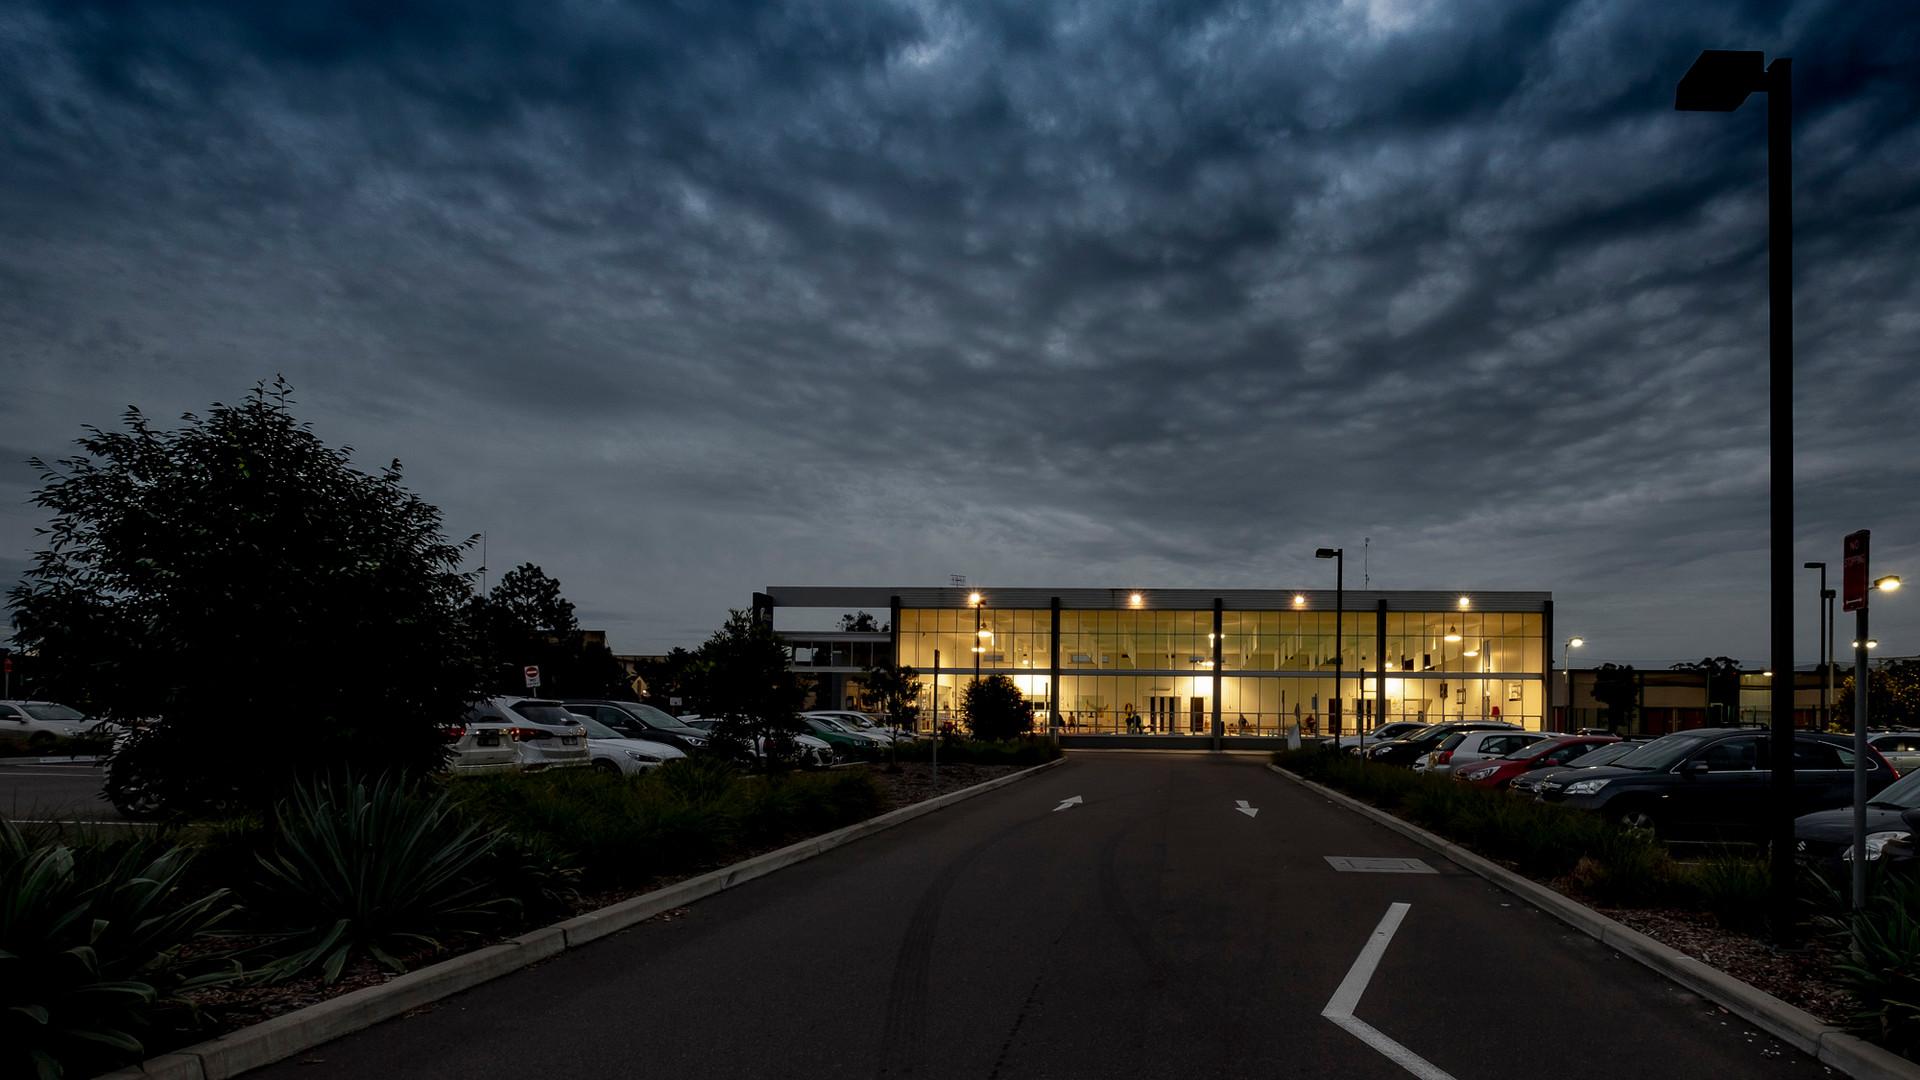 YMCA MARINERS AQUATIC CENTRE